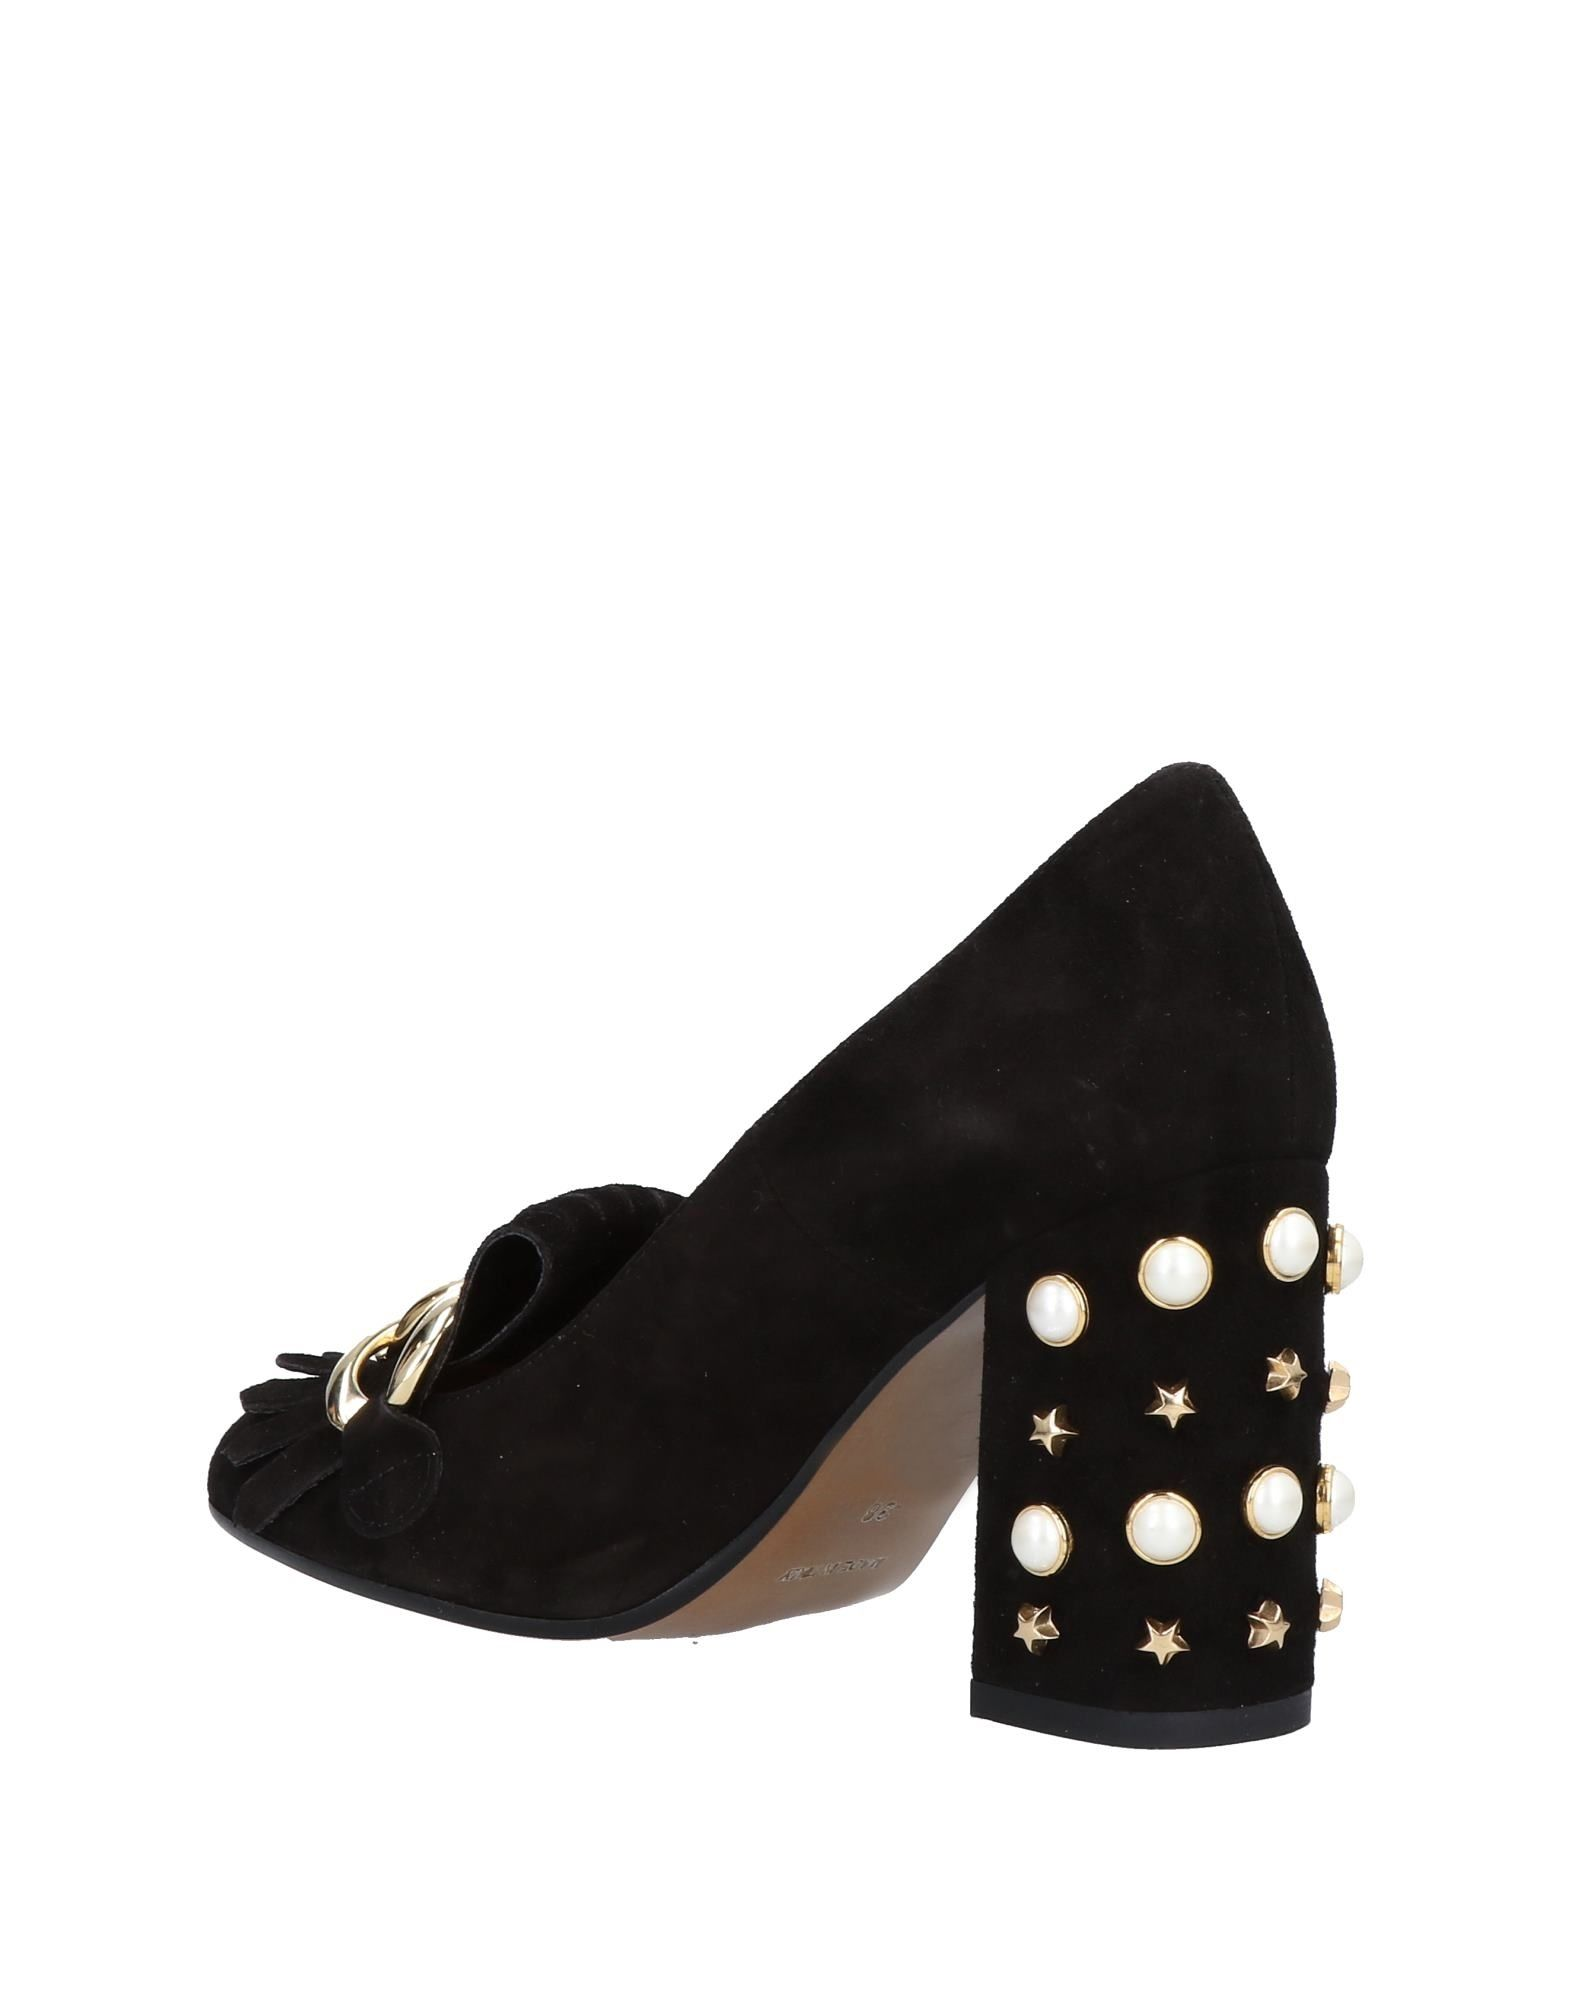 Bianca Di Mokassins Qualität Damen  11472074OA Gute Qualität Mokassins beliebte Schuhe 541547